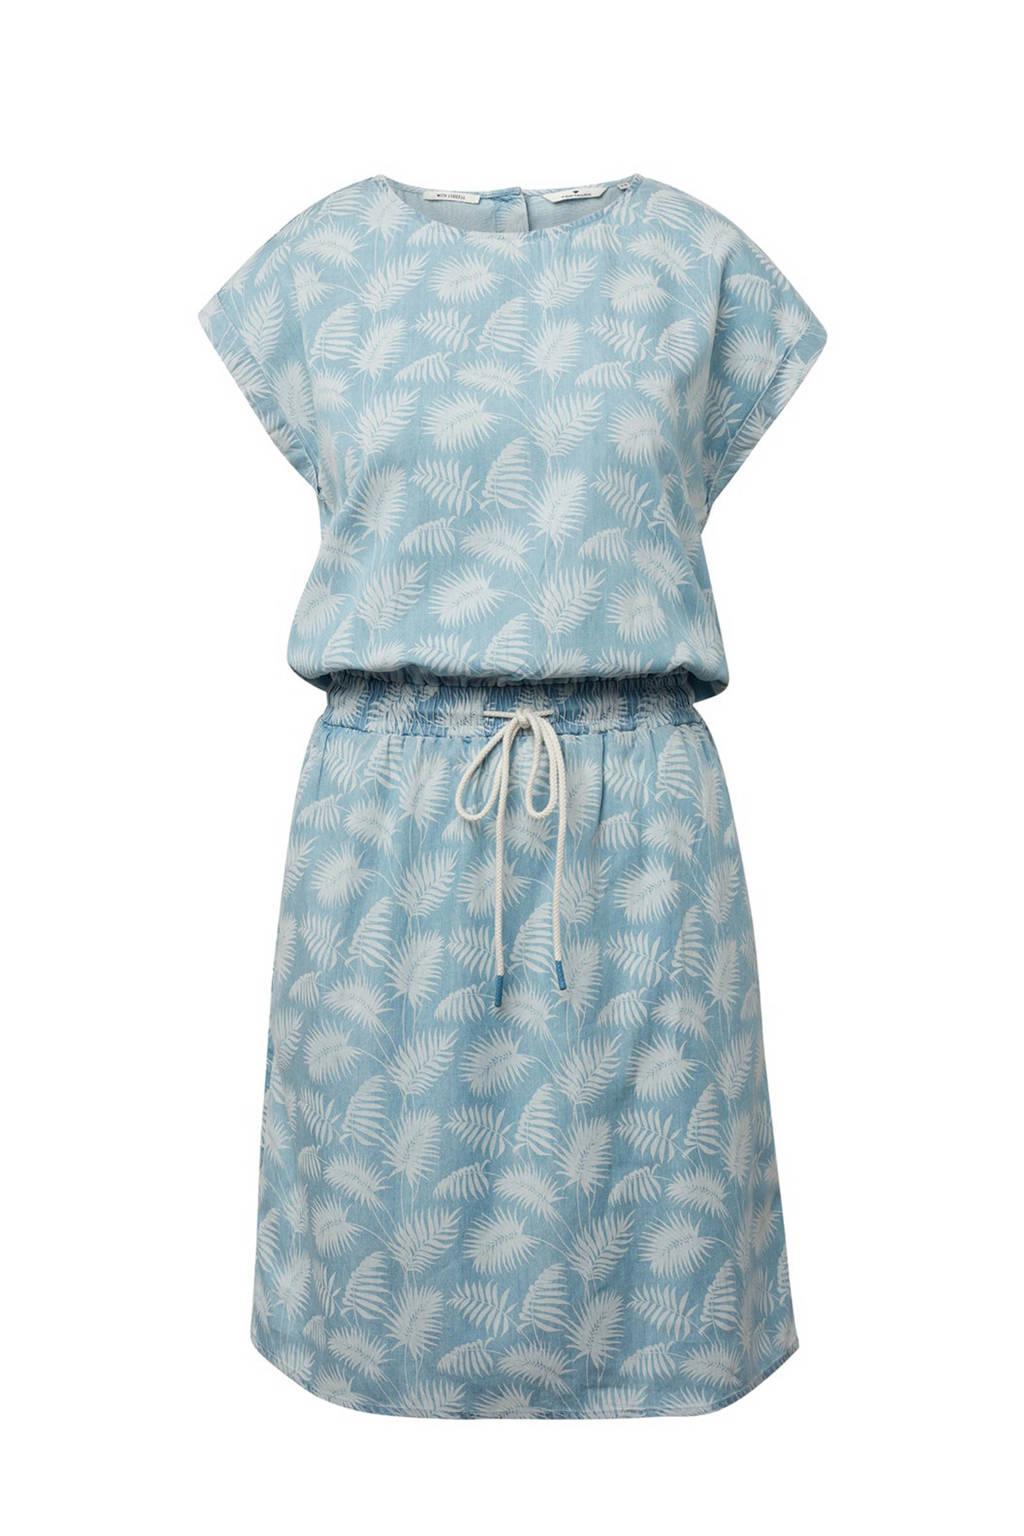 Tom Tailor jurk met all over print lichtblauw, Lichtblauw/ecru